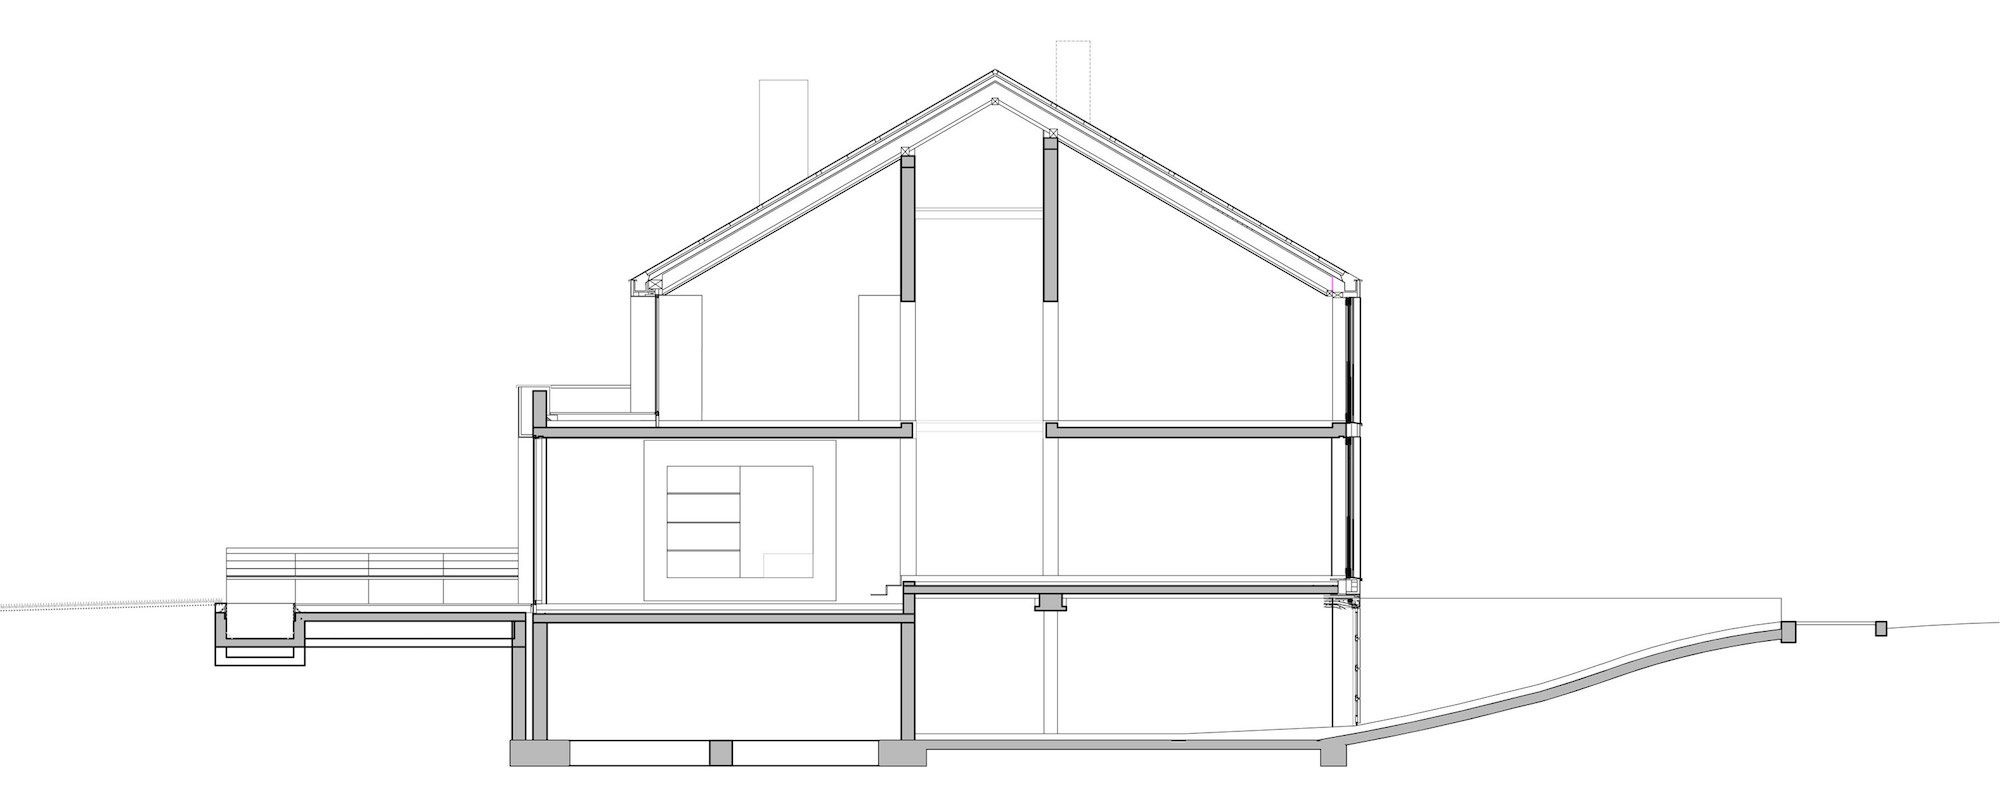 2-Row-Houses-In-Goeblange-24